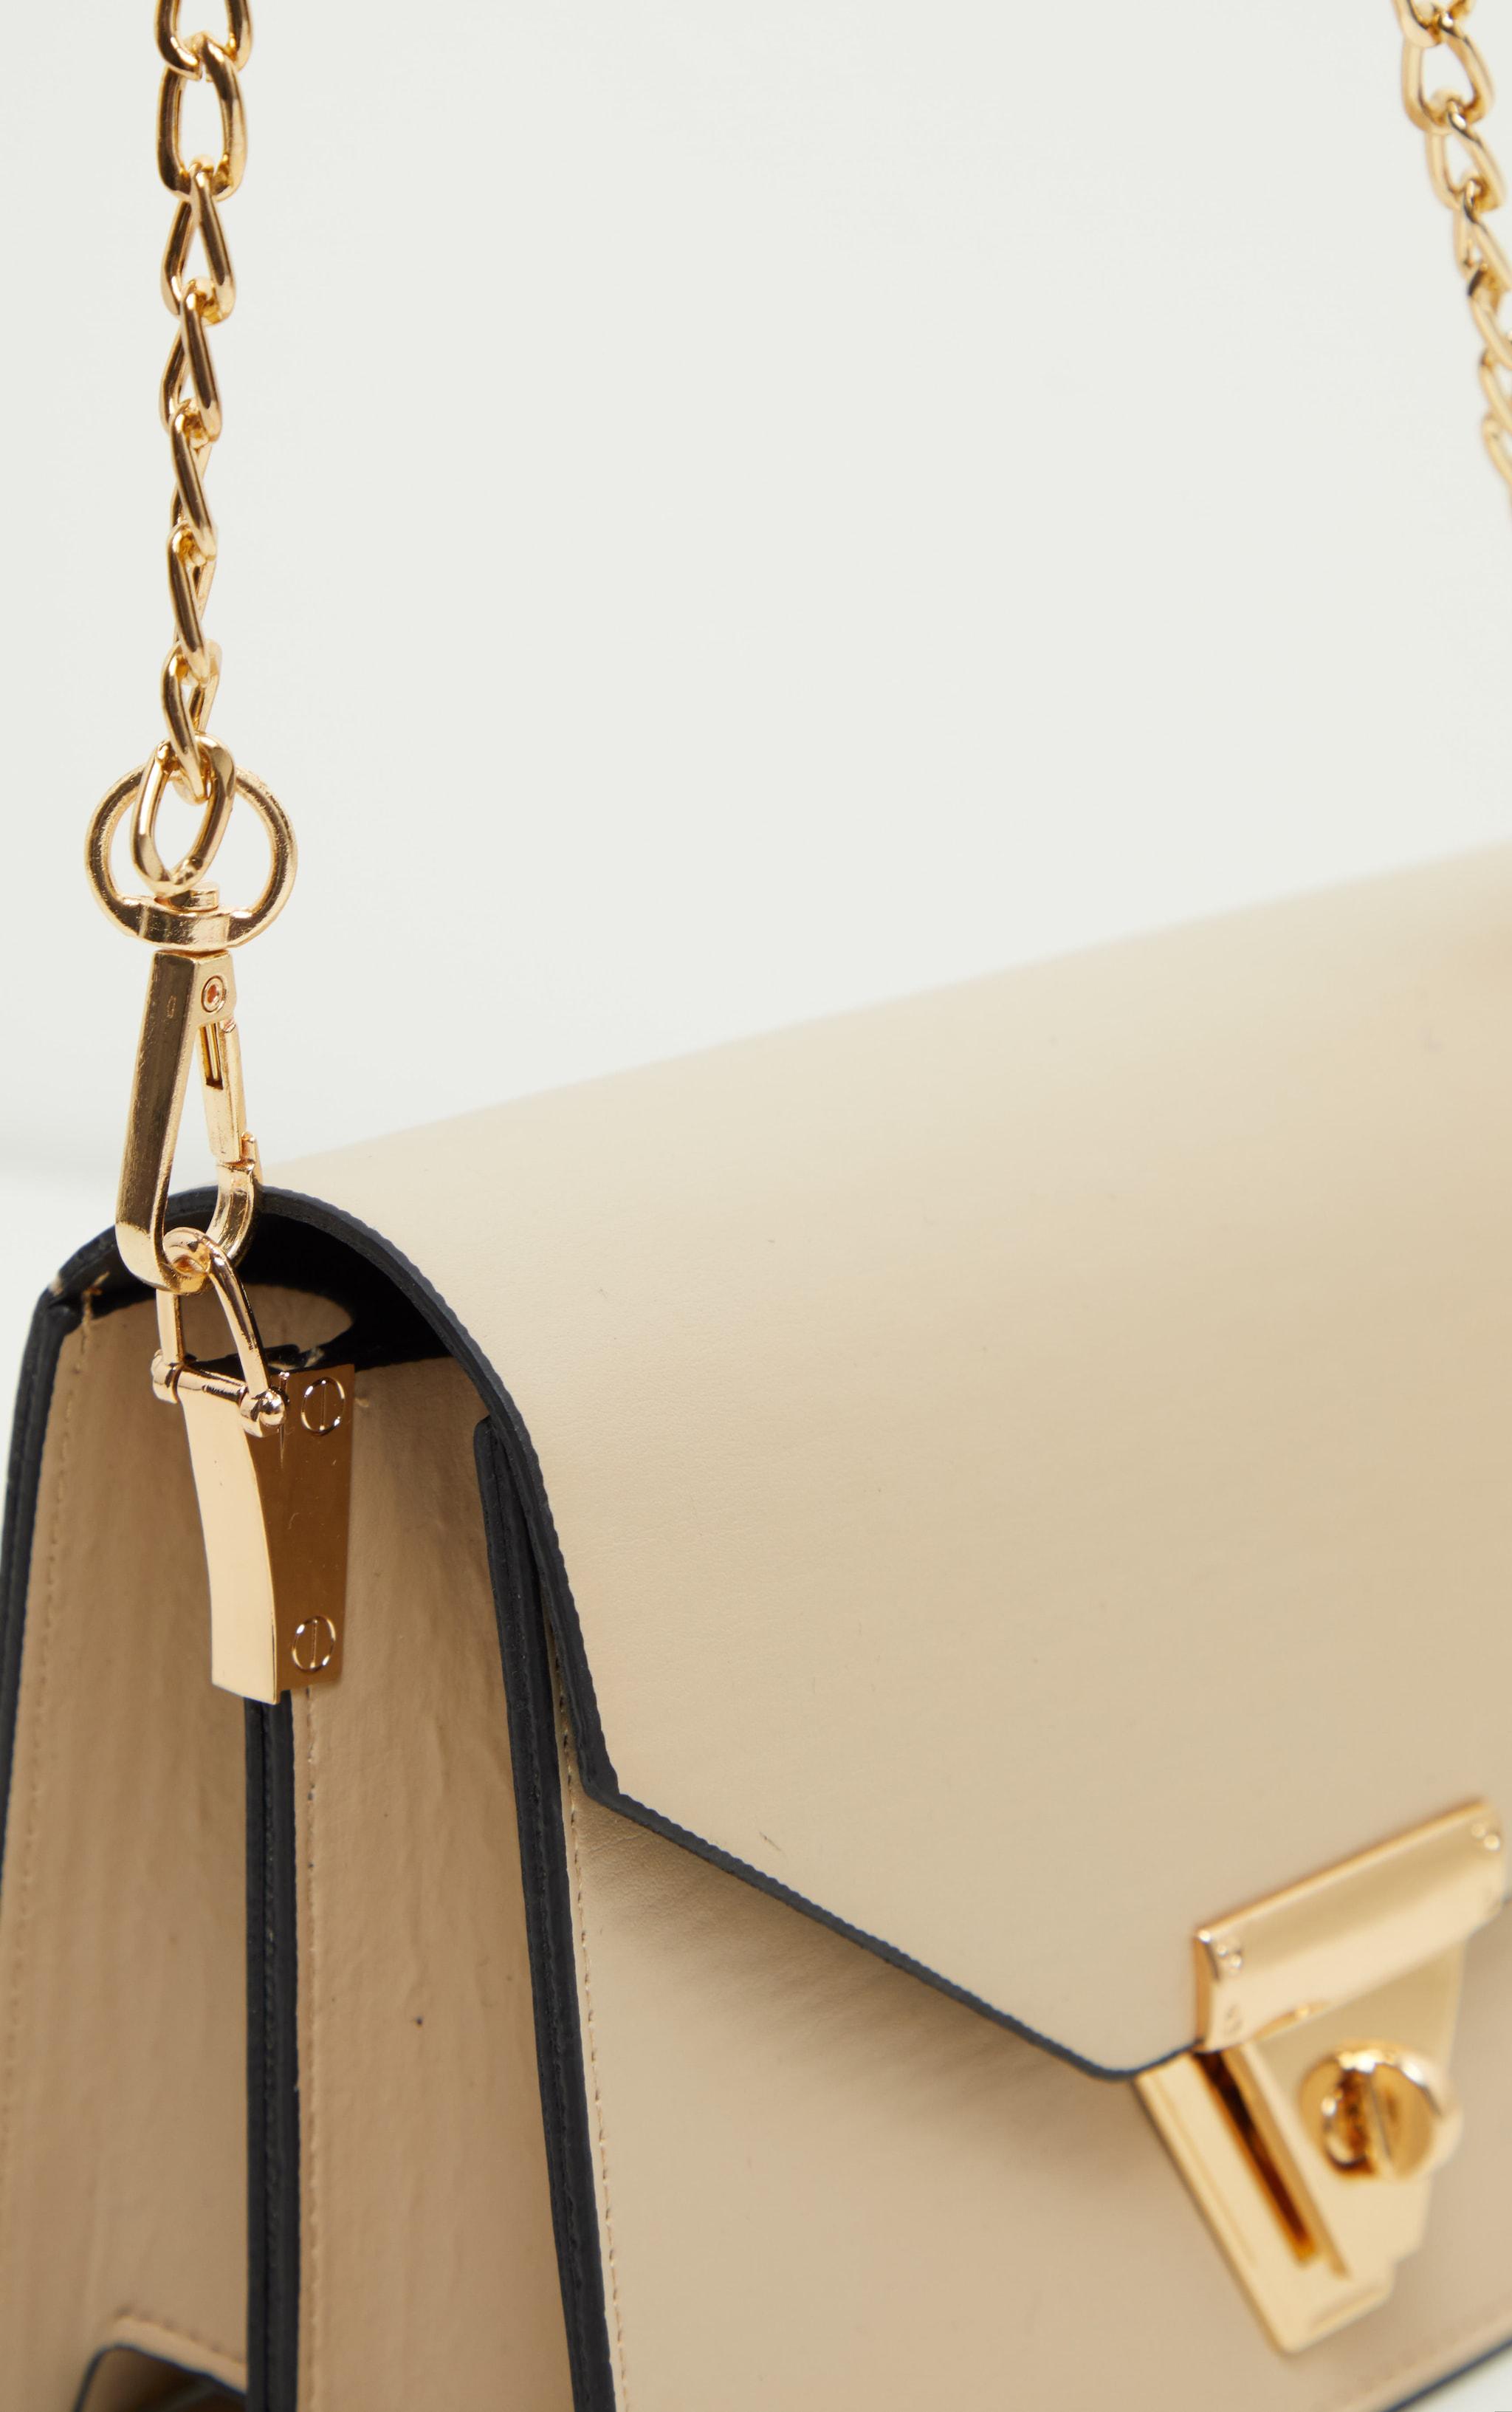 Sac enveloppe en similicuir beige à bandoulière 3